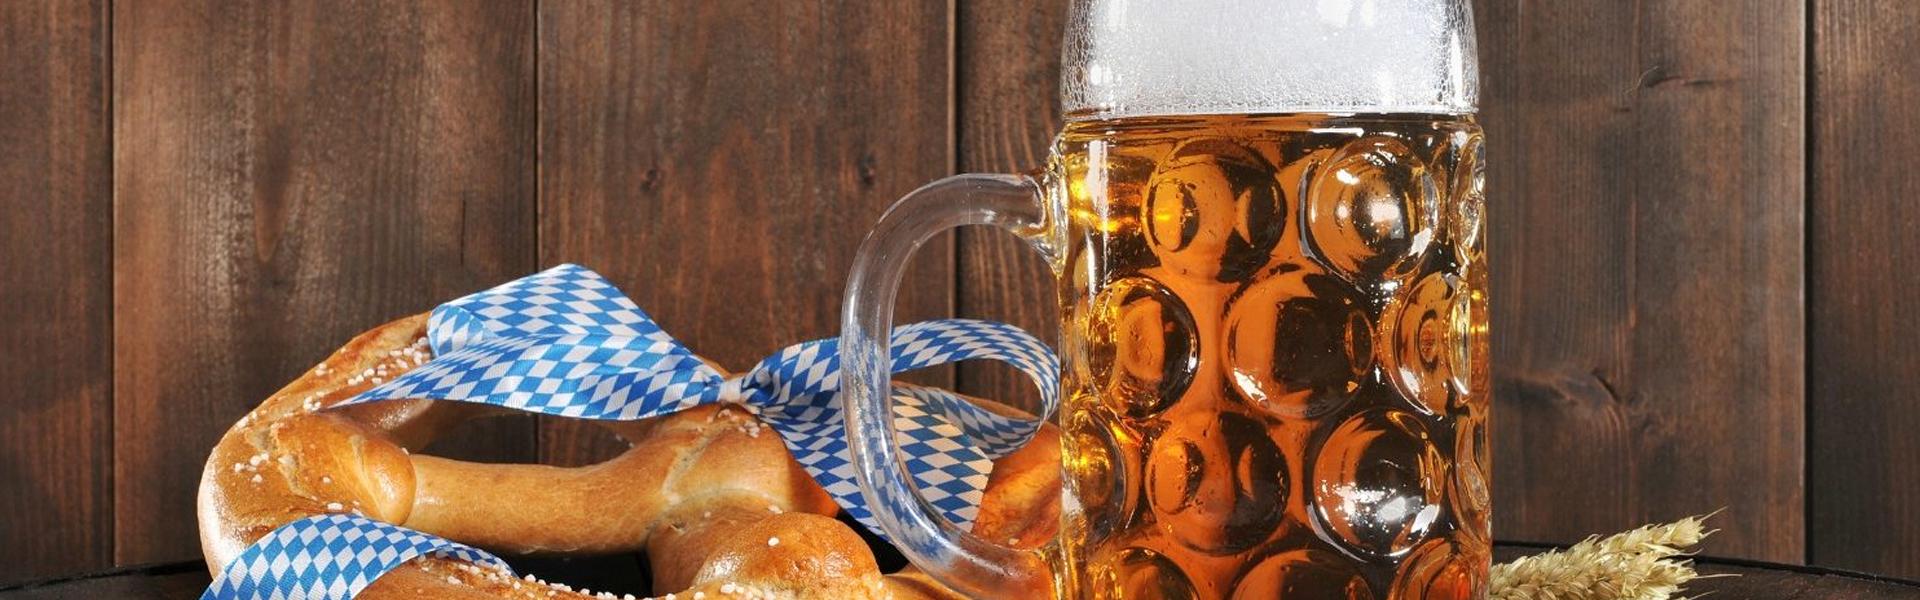 Oktoberfest – sexton dagar i ölets tecken.